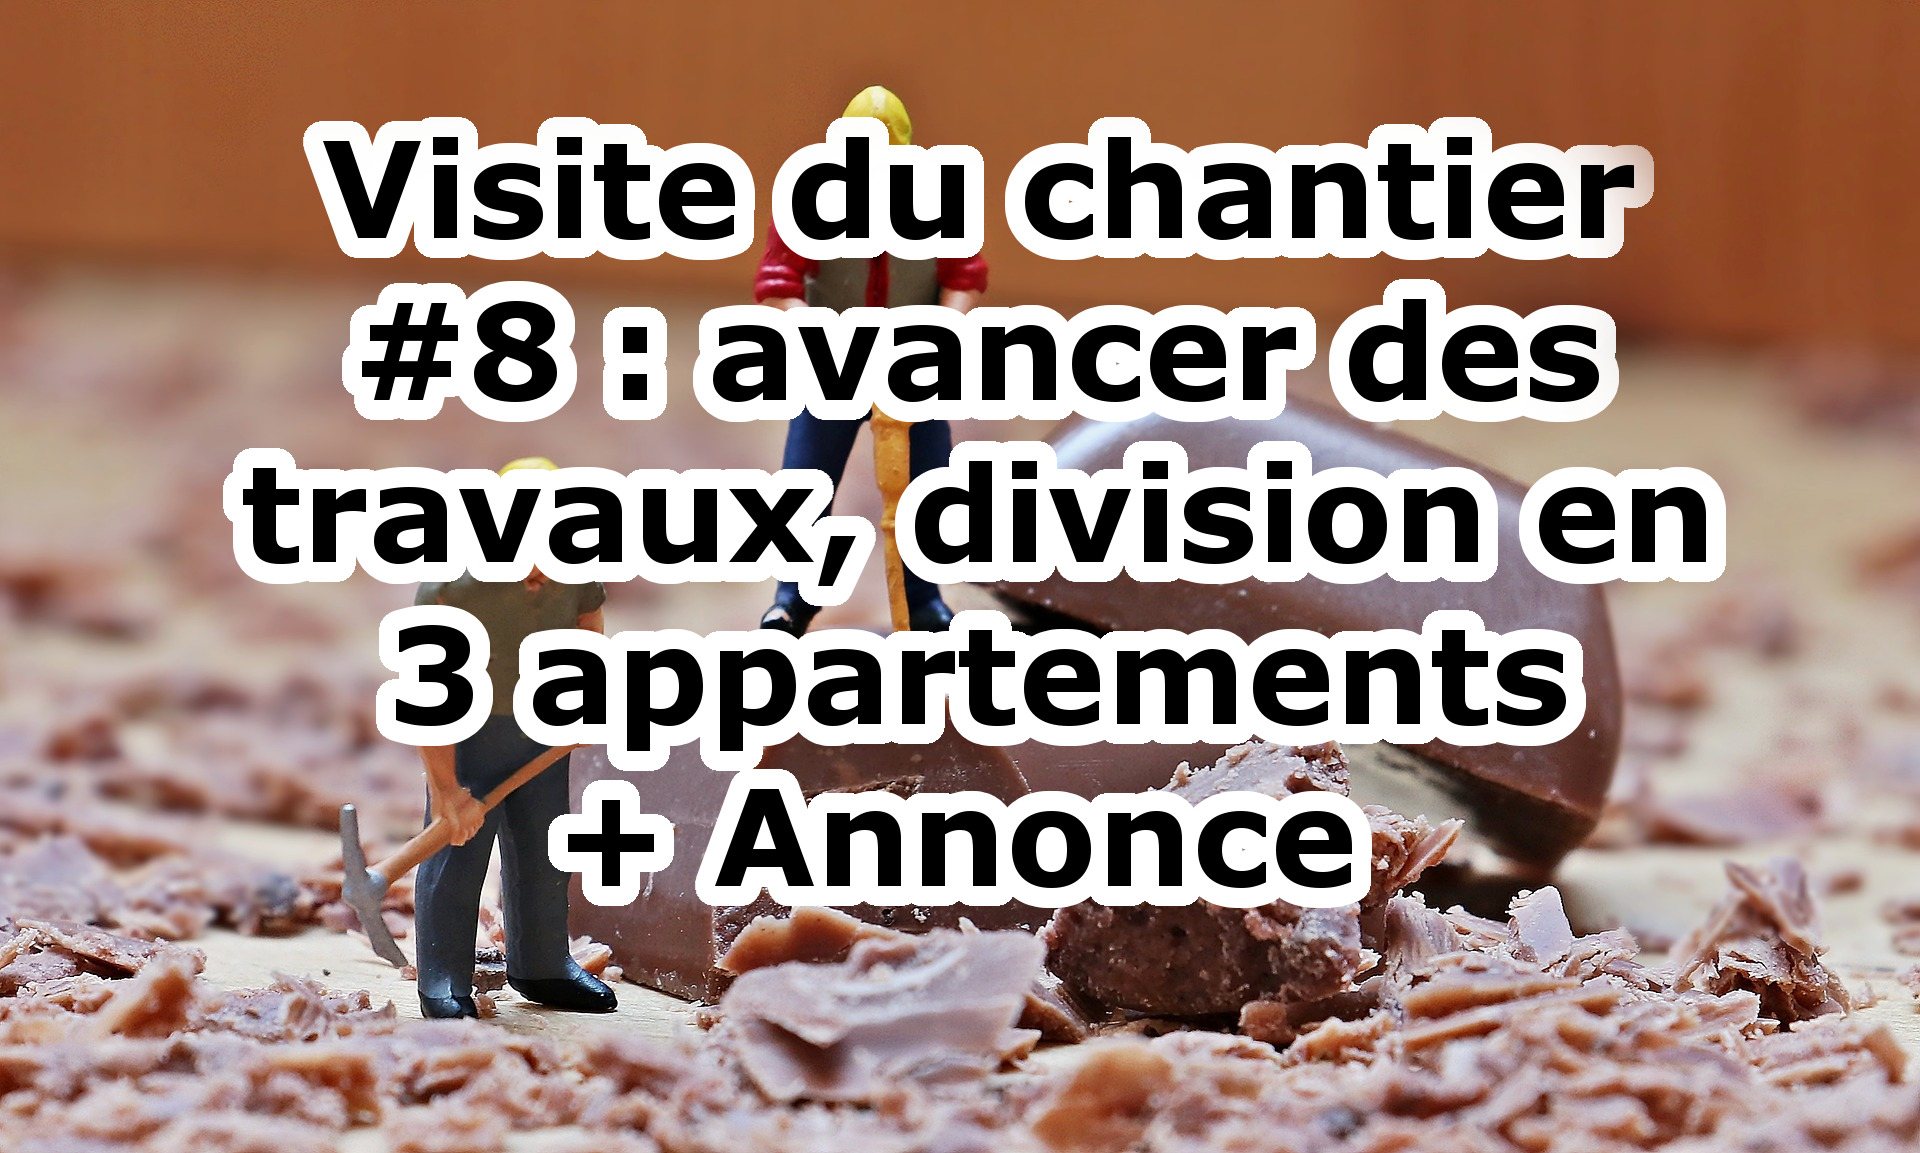 Visite du chantier #8 : avancée des travaux, division en 3 appartements + Annonce